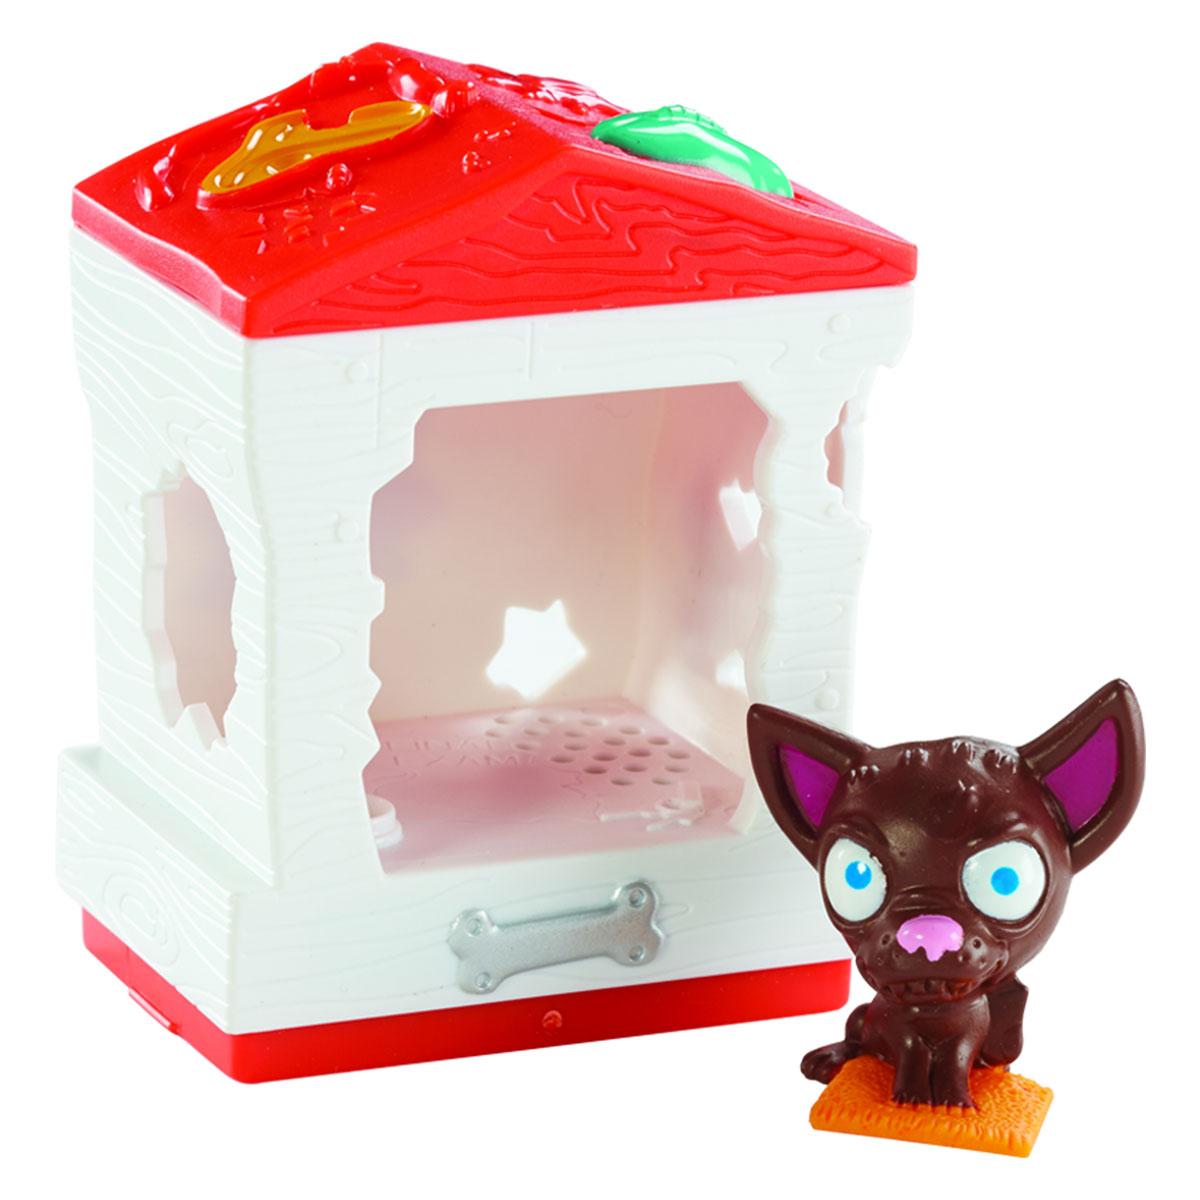 Ugglys Pet Shop Игровой набор Домик с фигуркой Bone Home набор игровой jakks pacific домик с фигуркой смурфика